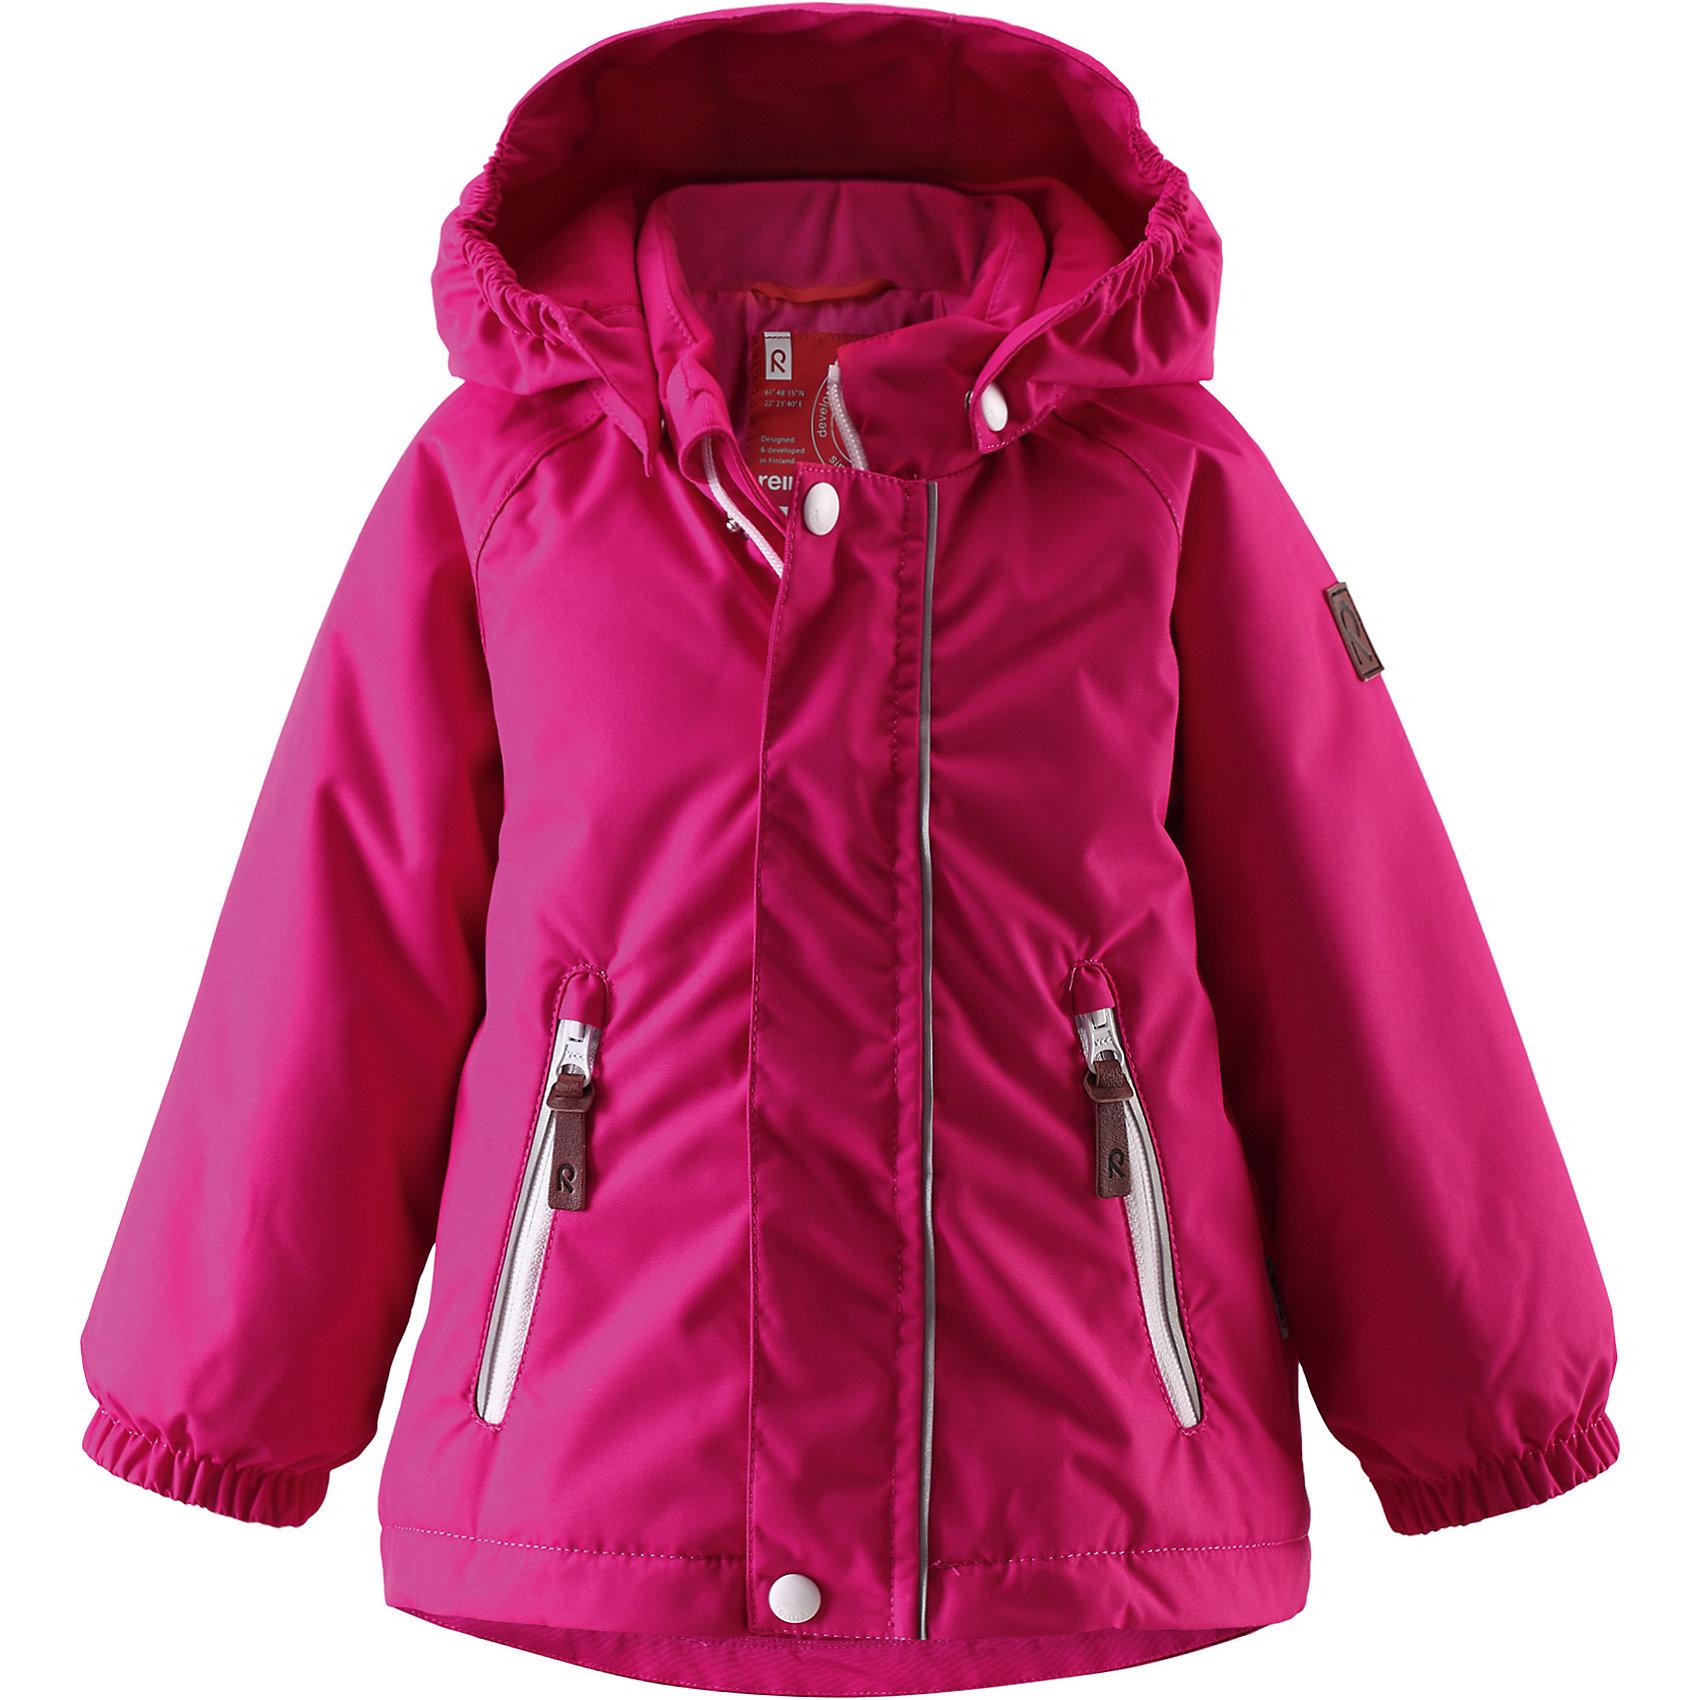 Куртка Shed для девочки ReimaВерхняя одежда<br>Куртка  Reima<br>Зимняя куртка для малышей. Основные швы проклеены и не пропускают влагу. Водо- и ветронепроницаемый, «дышащий» и грязеотталкивающий материал. Гладкая подкладка из полиэстра. Безопасный, съемный капюшон. Эластичные манжеты. Два кармана на молнии. Безопасные светоотражающие детали.<br>Утеплитель: Reima® Soft Loft insulation,160 g<br>Уход:<br>Стирать по отдельности, вывернув наизнанку. Застегнуть молнии и липучки. Стирать моющим средством, не содержащим отбеливающие вещества. Полоскать без специального средства. Во избежание изменения цвета изделие необходимо вынуть из стиральной машинки незамедлительно после окончания программы стирки. Сушить при низкой температуре.<br>Состав:<br>100% Полиамид, полиуретановое покрытие<br><br>Ширина мм: 455<br>Глубина мм: 368<br>Высота мм: 99<br>Вес г: 438<br>Цвет: розовый<br>Возраст от месяцев: 9<br>Возраст до месяцев: 12<br>Пол: Женский<br>Возраст: Детский<br>Размер: 80,98,92,86<br>SKU: 4776001